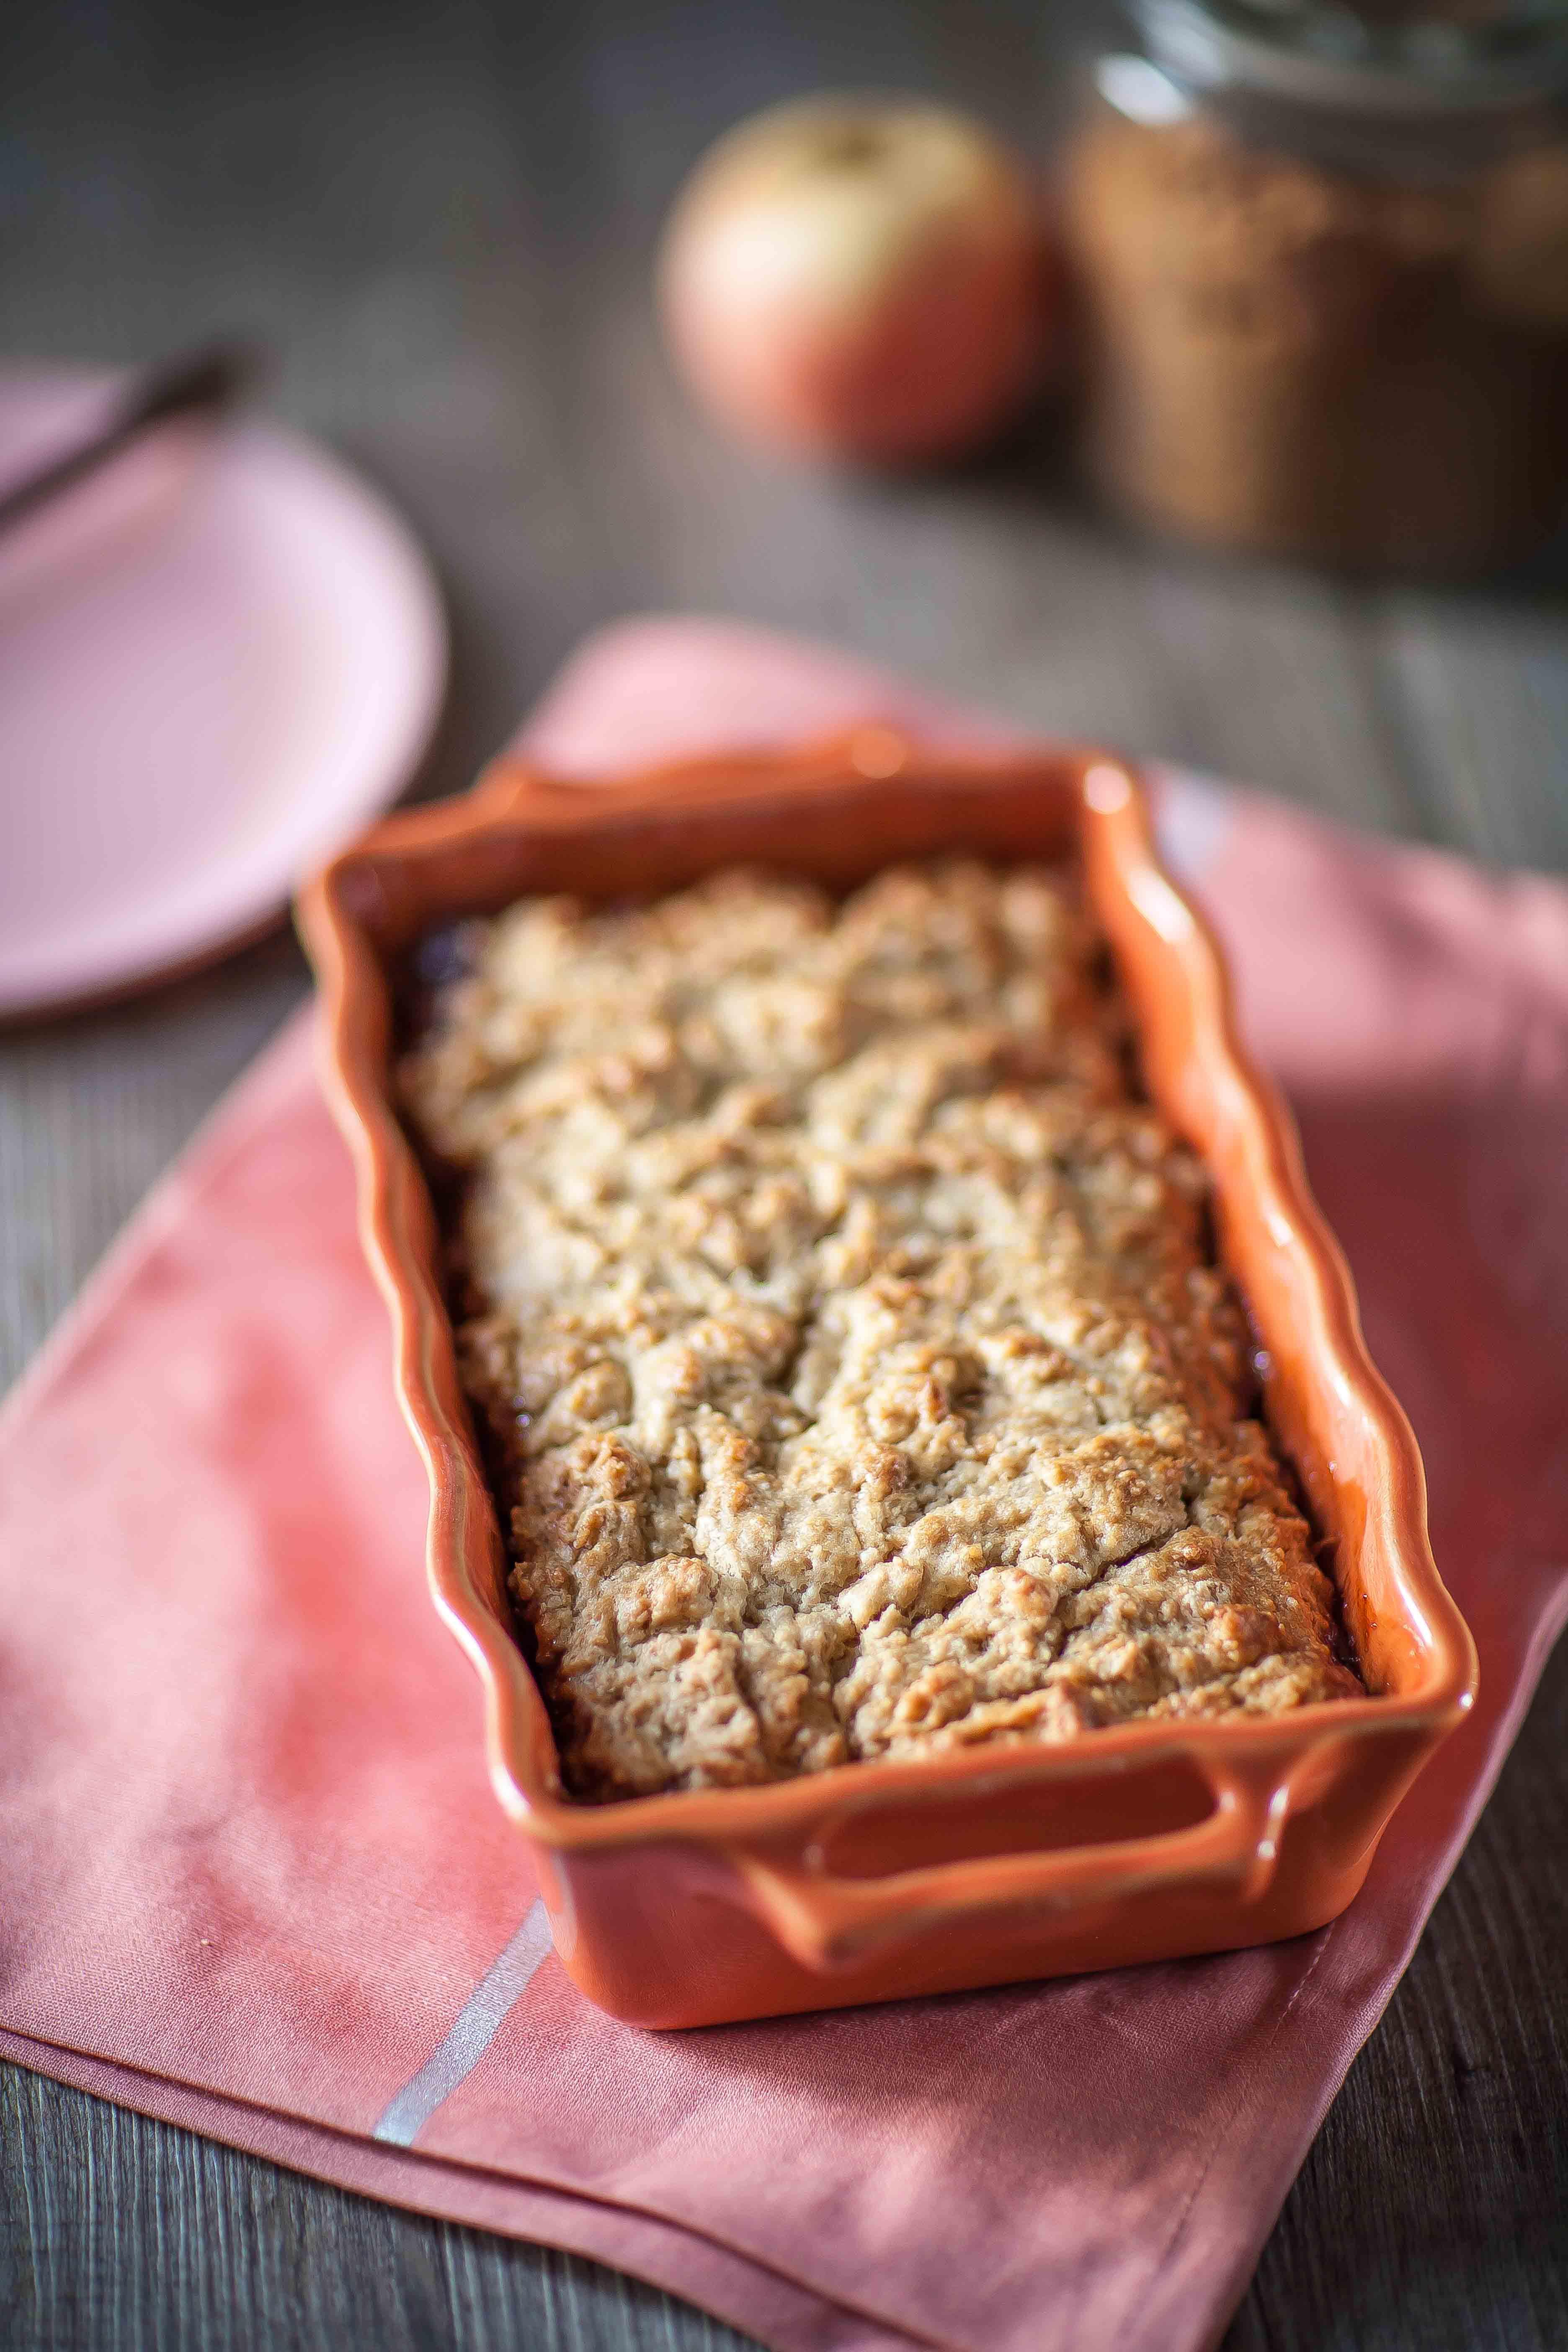 Ma version de la recette de ce dessert américain, le cobbler aux pommes et à la cannelle, avec des pommes râpées.